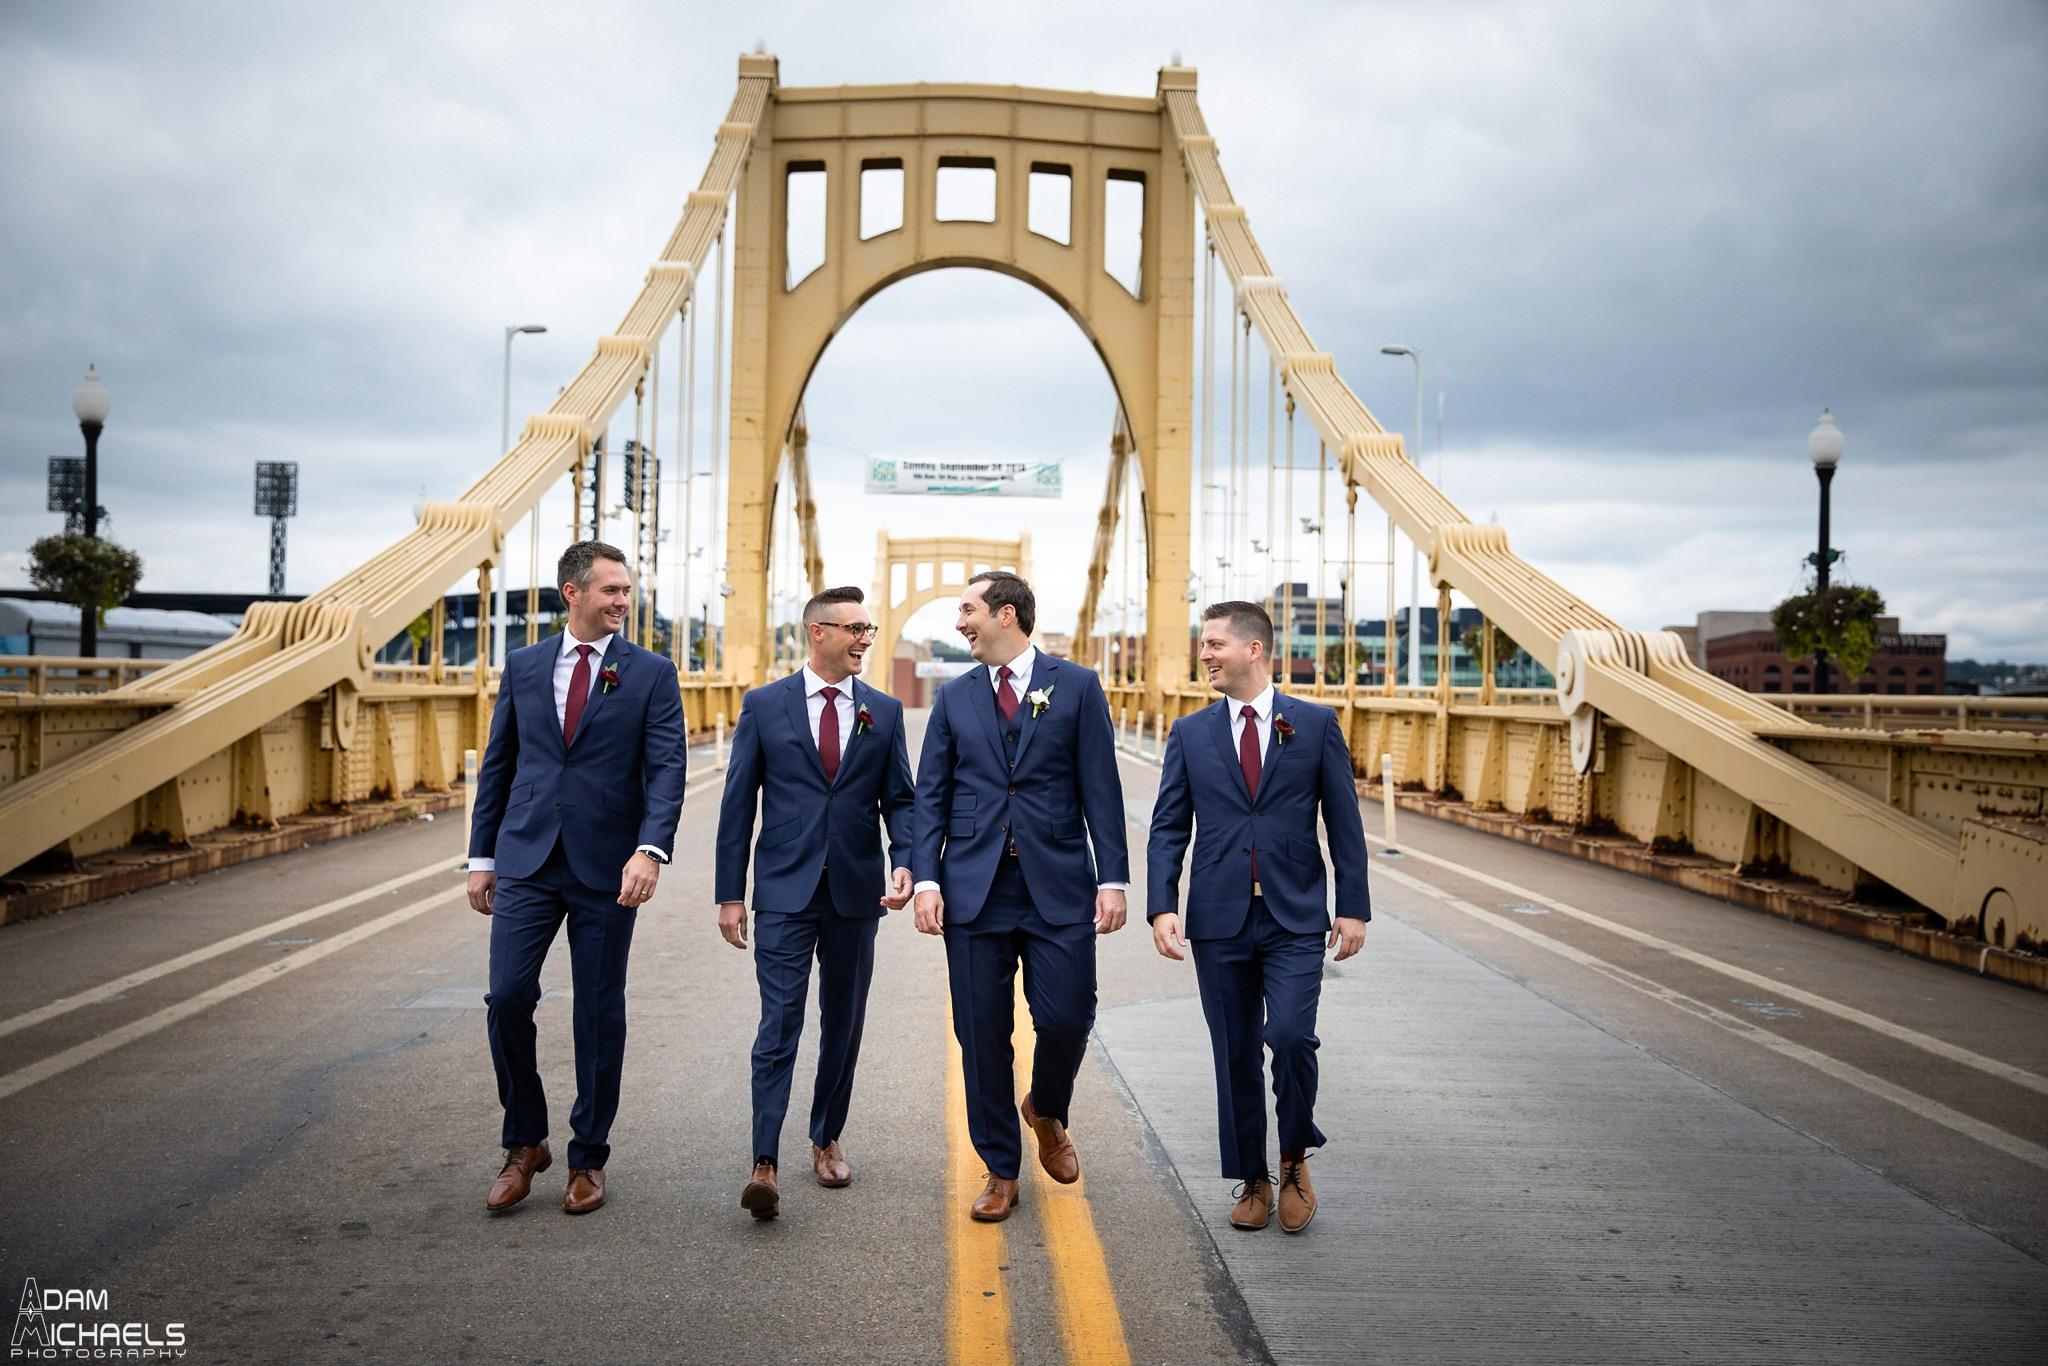 Clemente Brige Pittsburgh Groom Groomsmen Wedding Pictures_2604.jpg